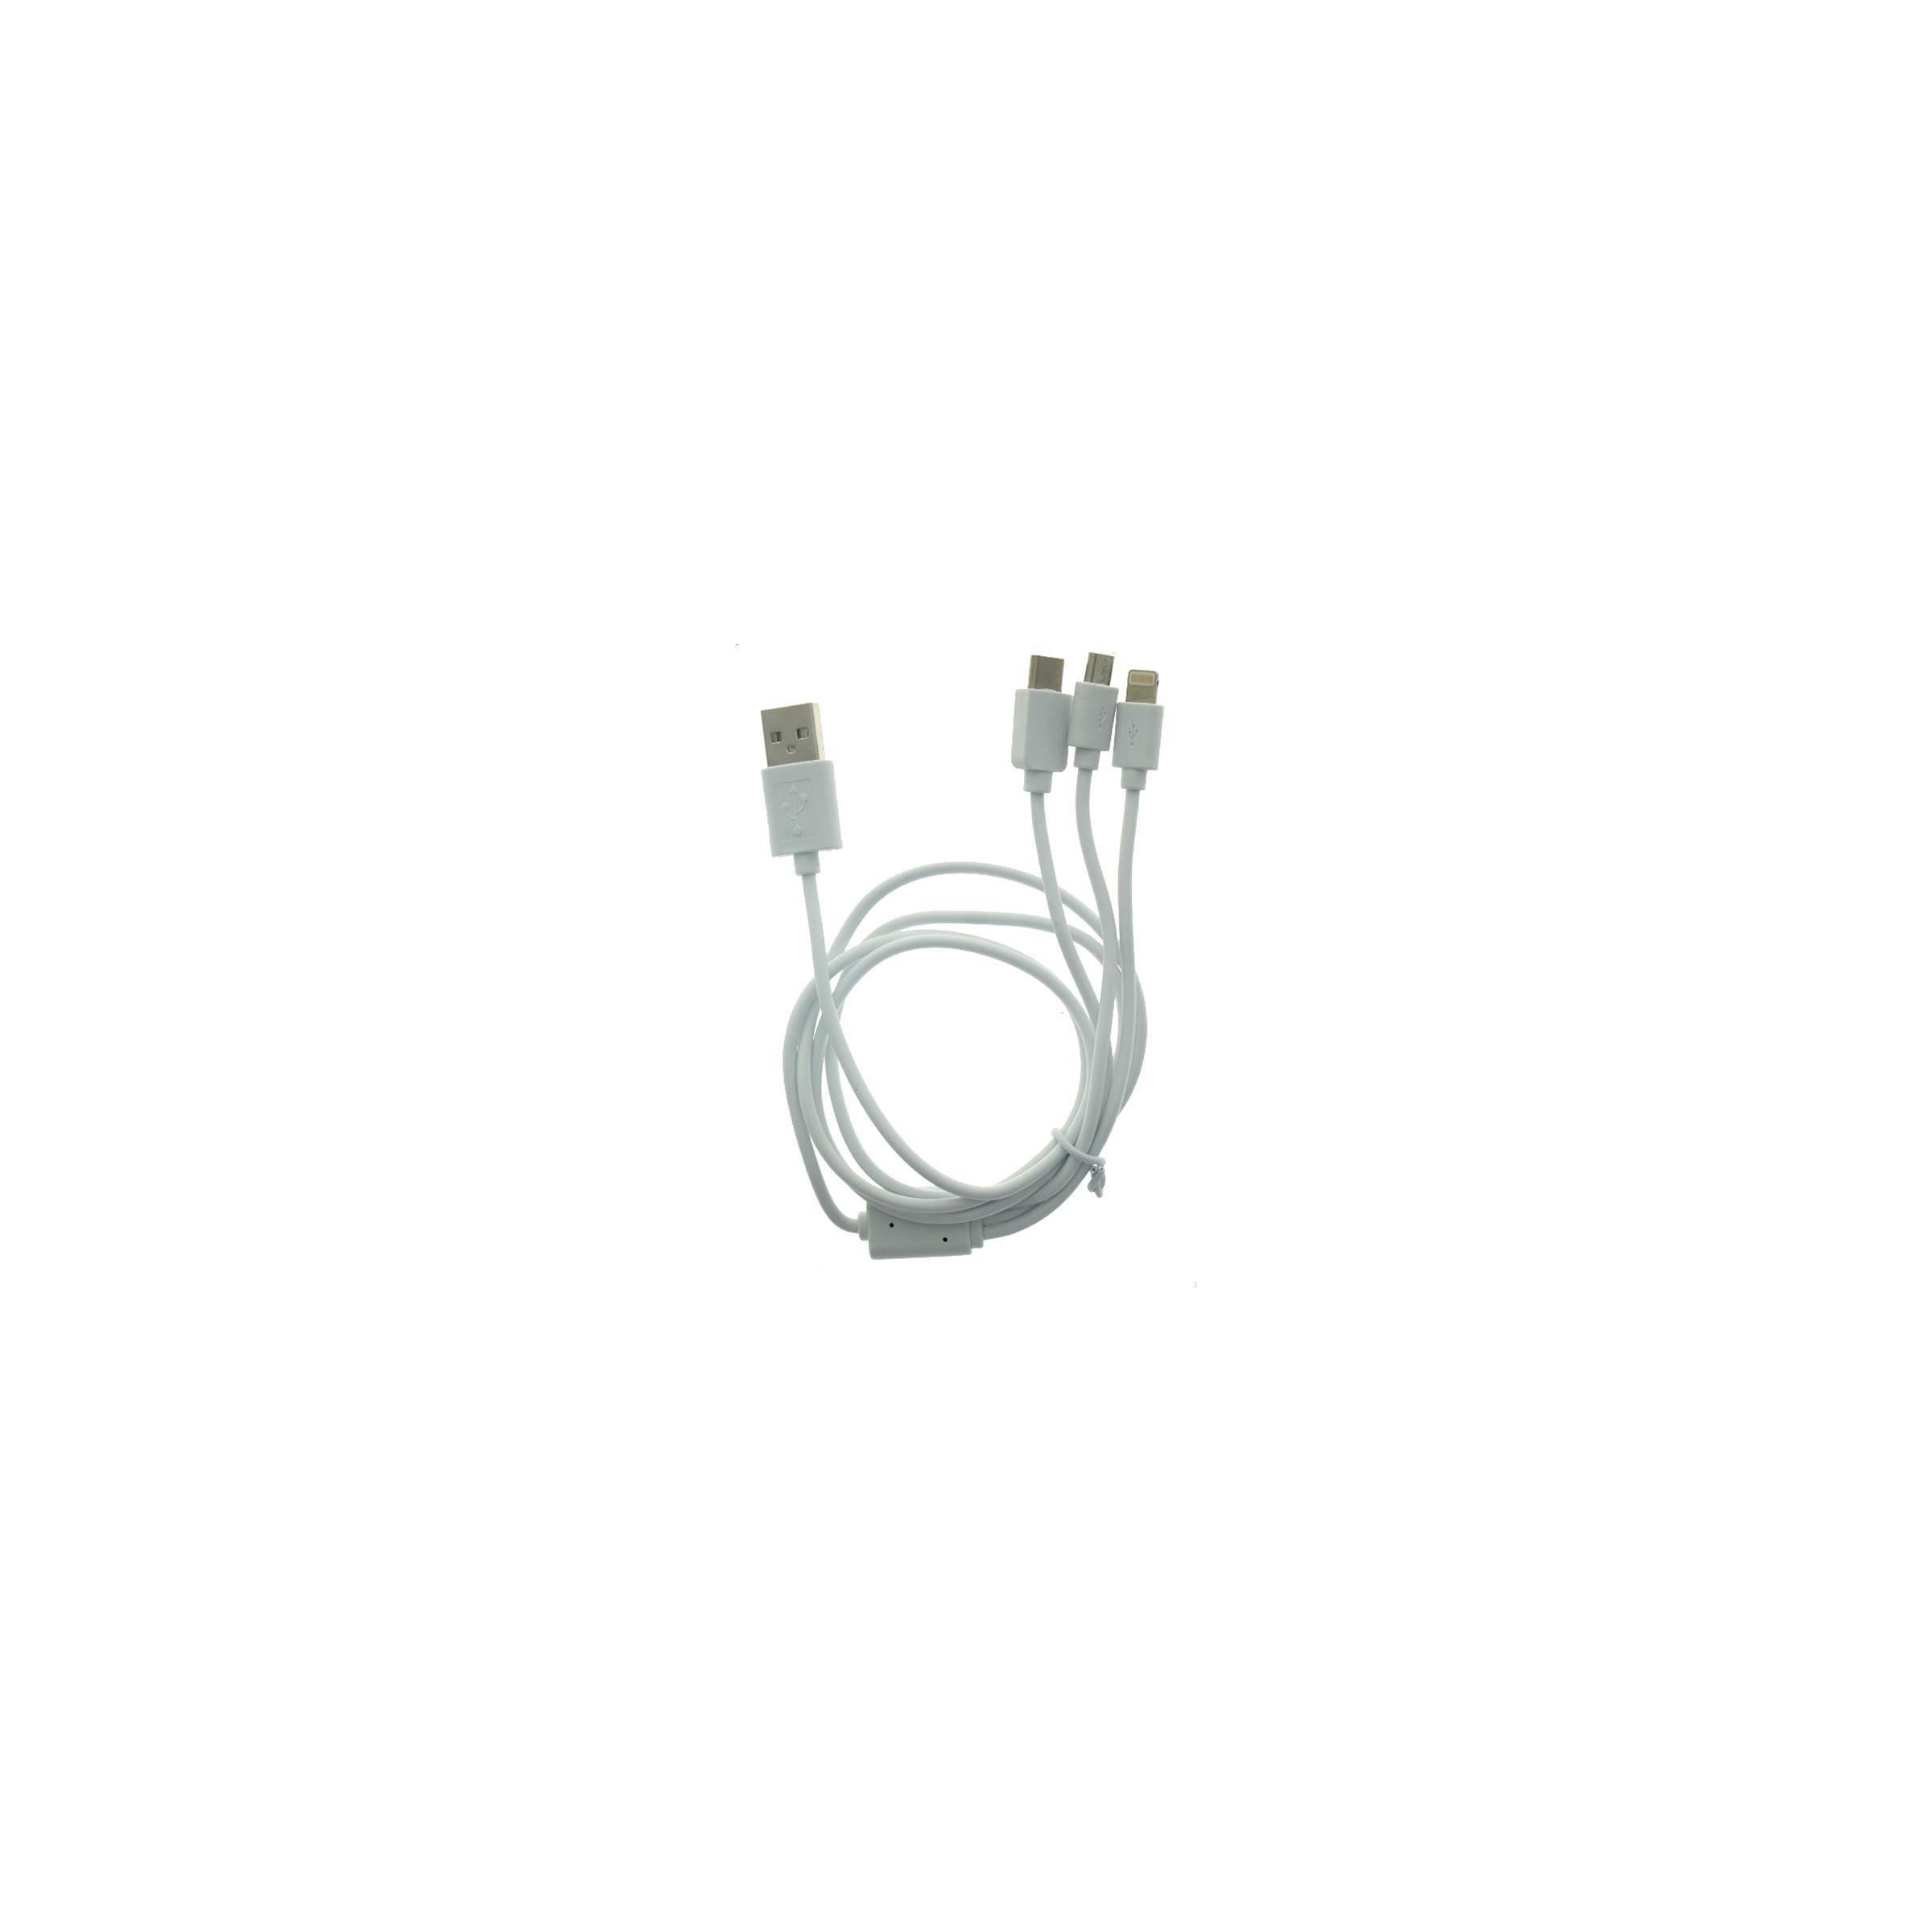 sinox Multi oplader kabel lightning, microusb og usb-c sinox på mackabler.dk